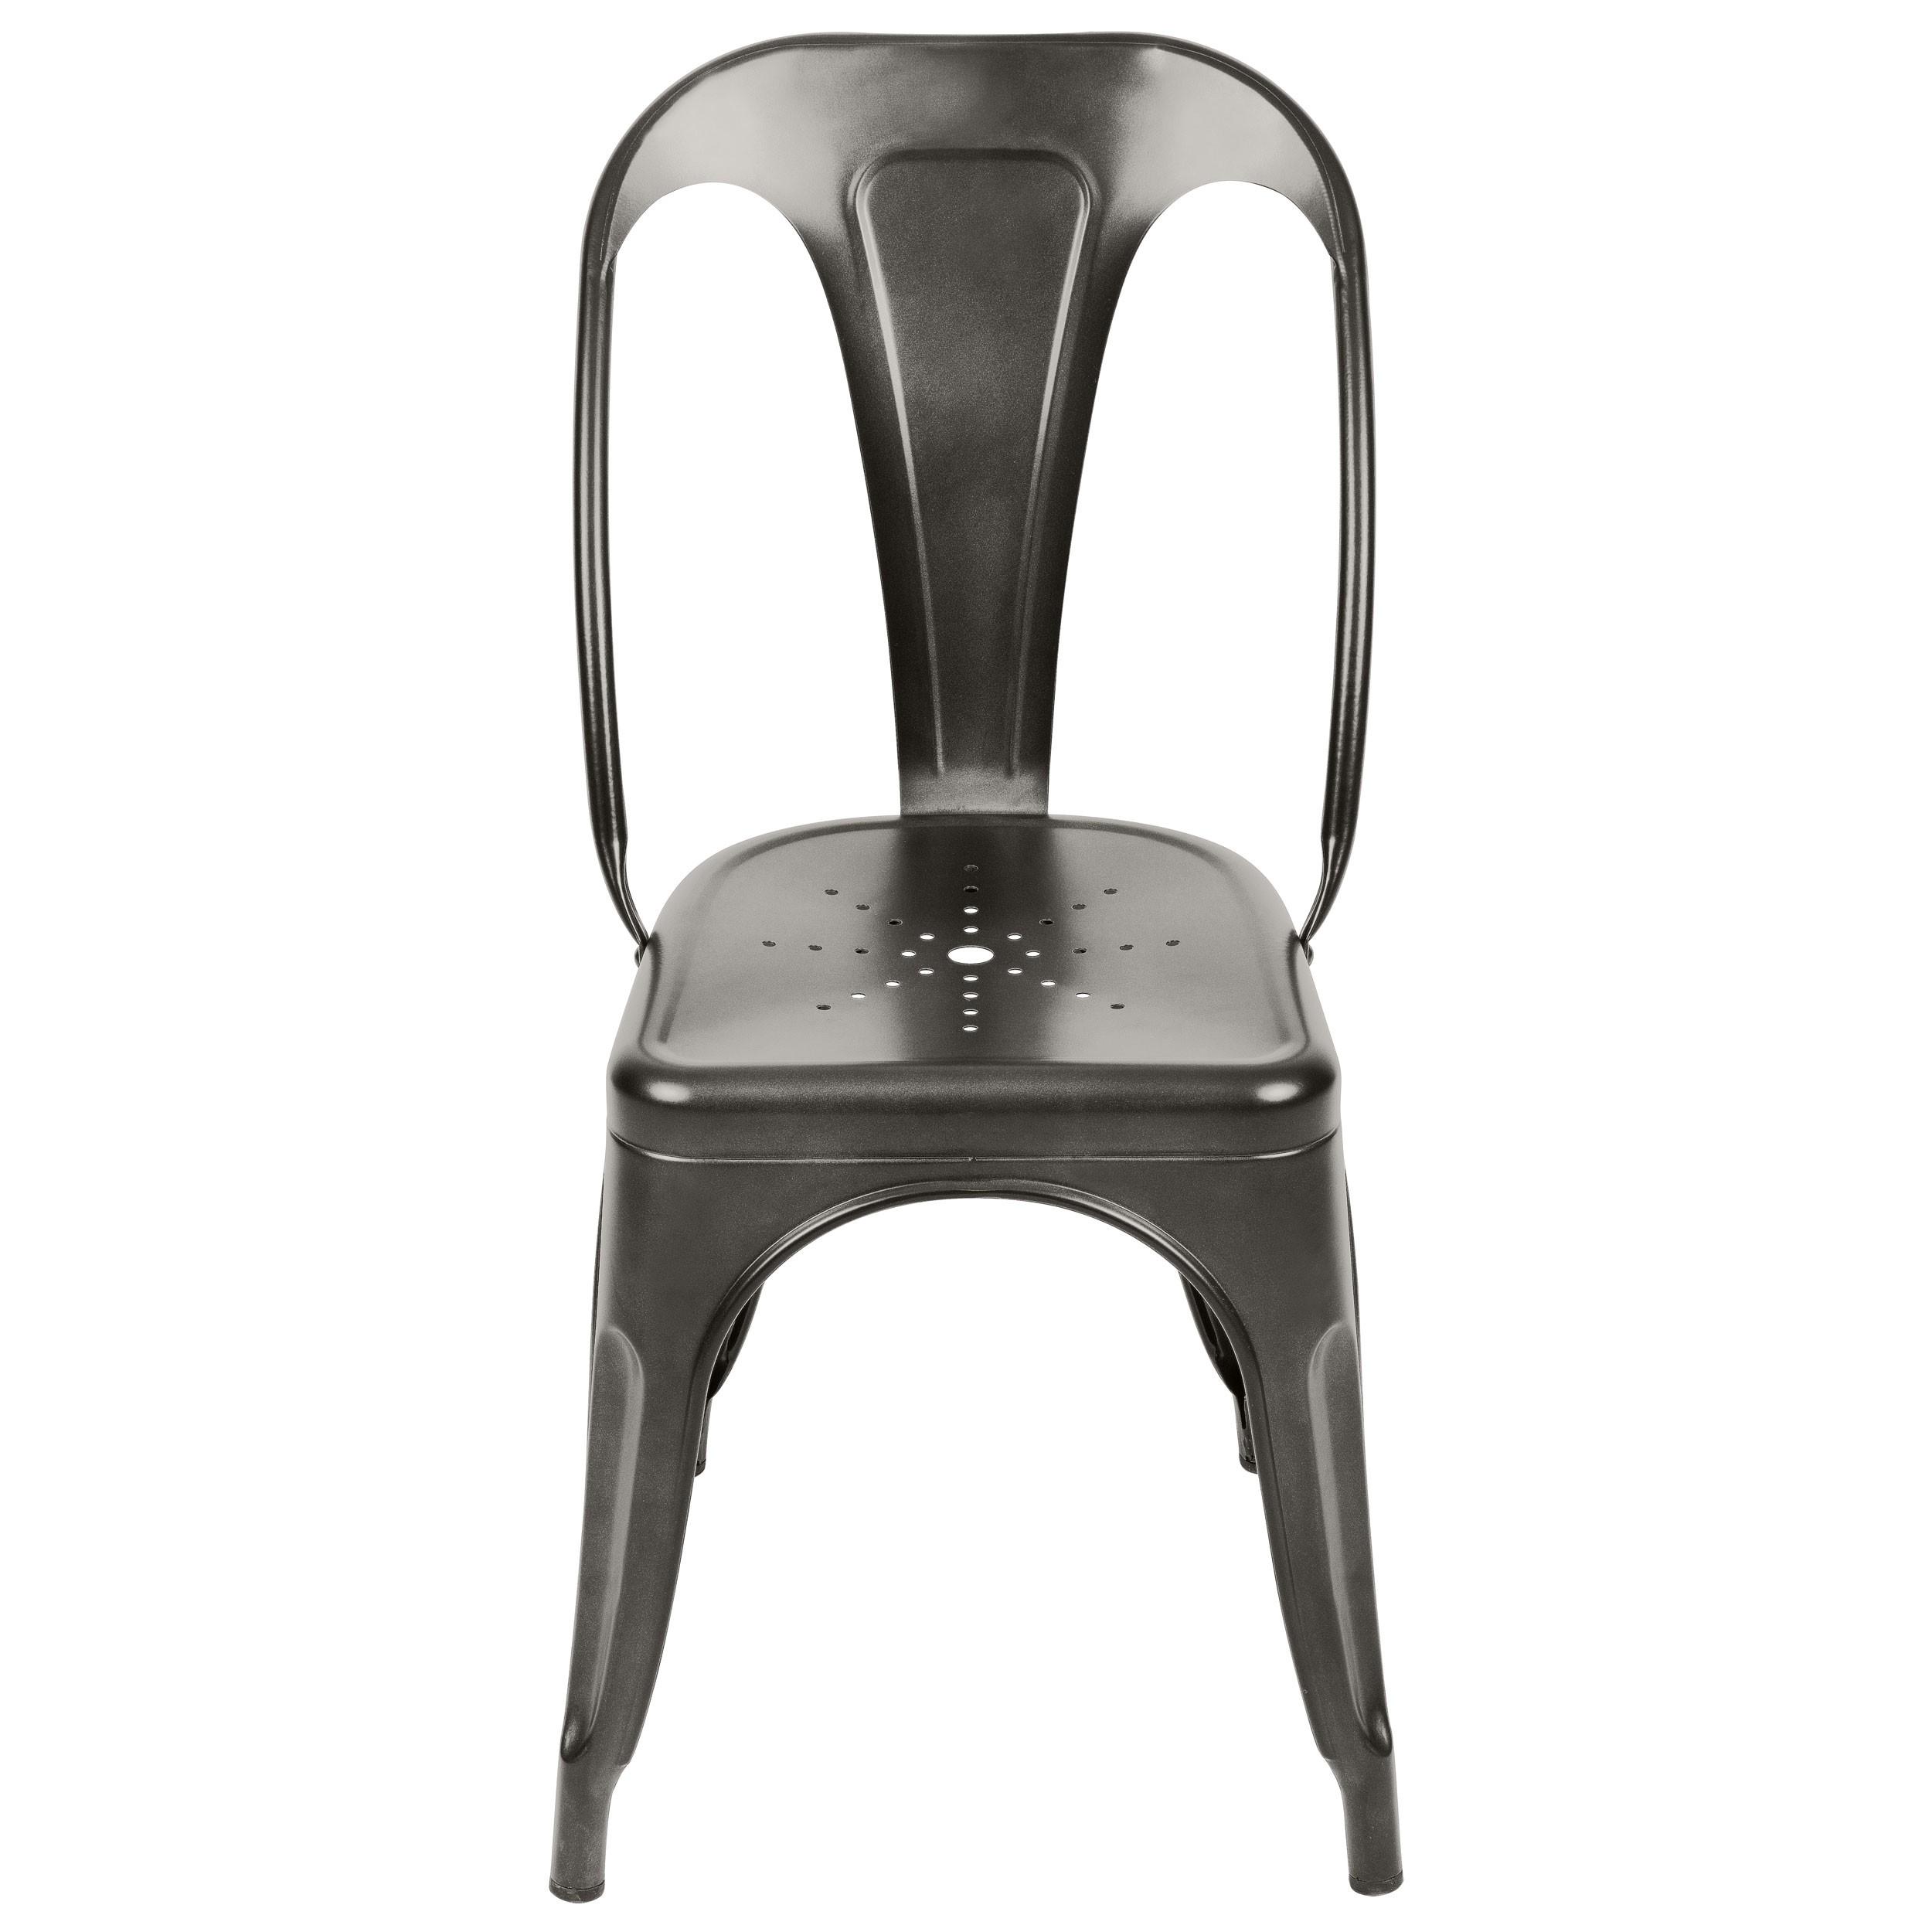 chaise indus gris anthracite lot de 2 commandez nos chaises indus gris anthracite lot de 2. Black Bedroom Furniture Sets. Home Design Ideas